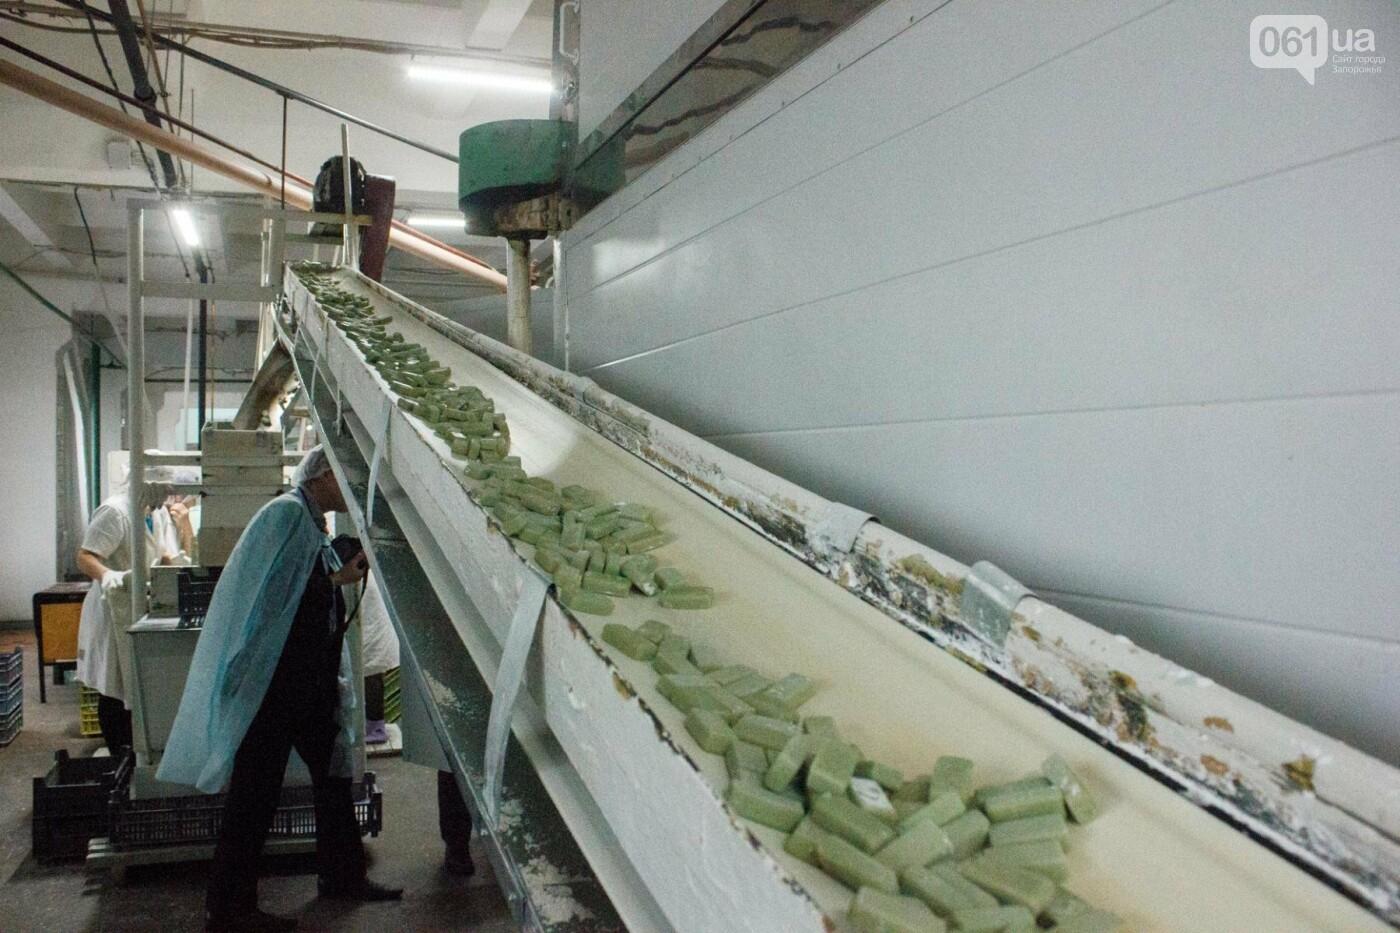 Как в Запорожье делают конфеты: экскурсия на кондитерскую фабрику, – ФОТОРЕПОРТАЖ, фото-22